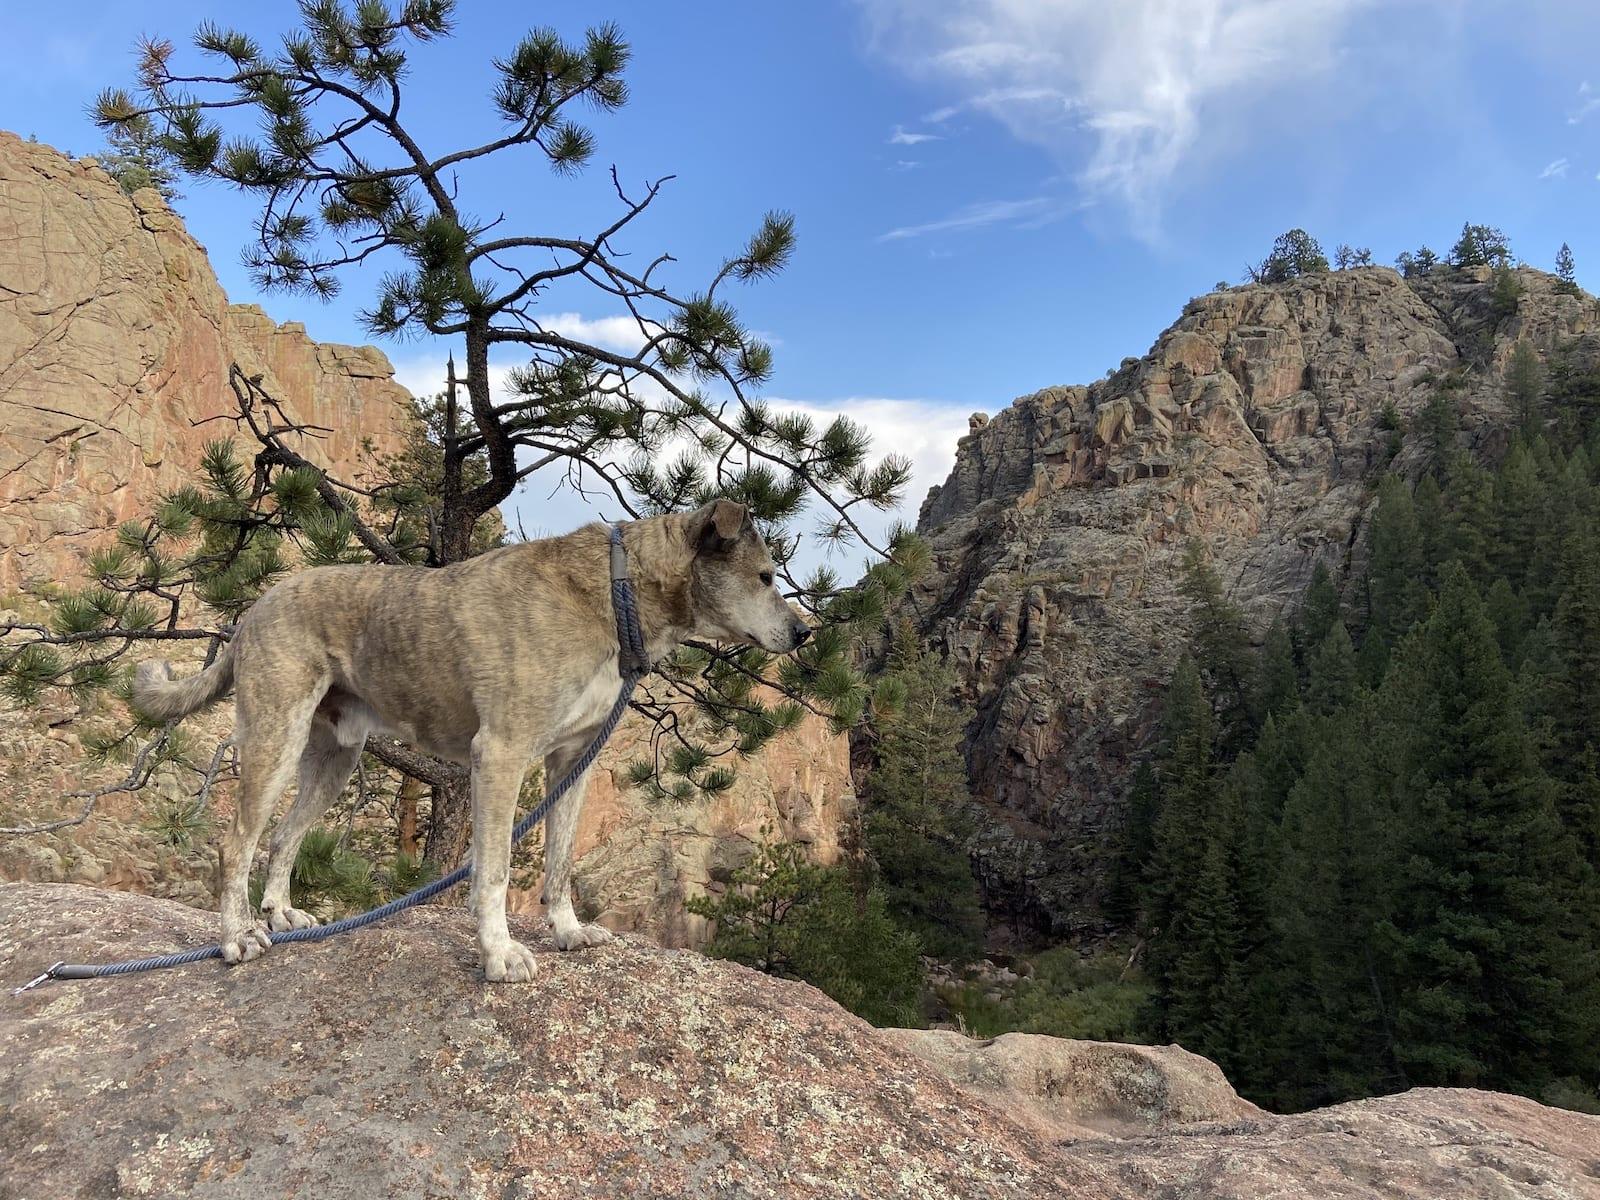 Guffey Gorge Ozzie Dog